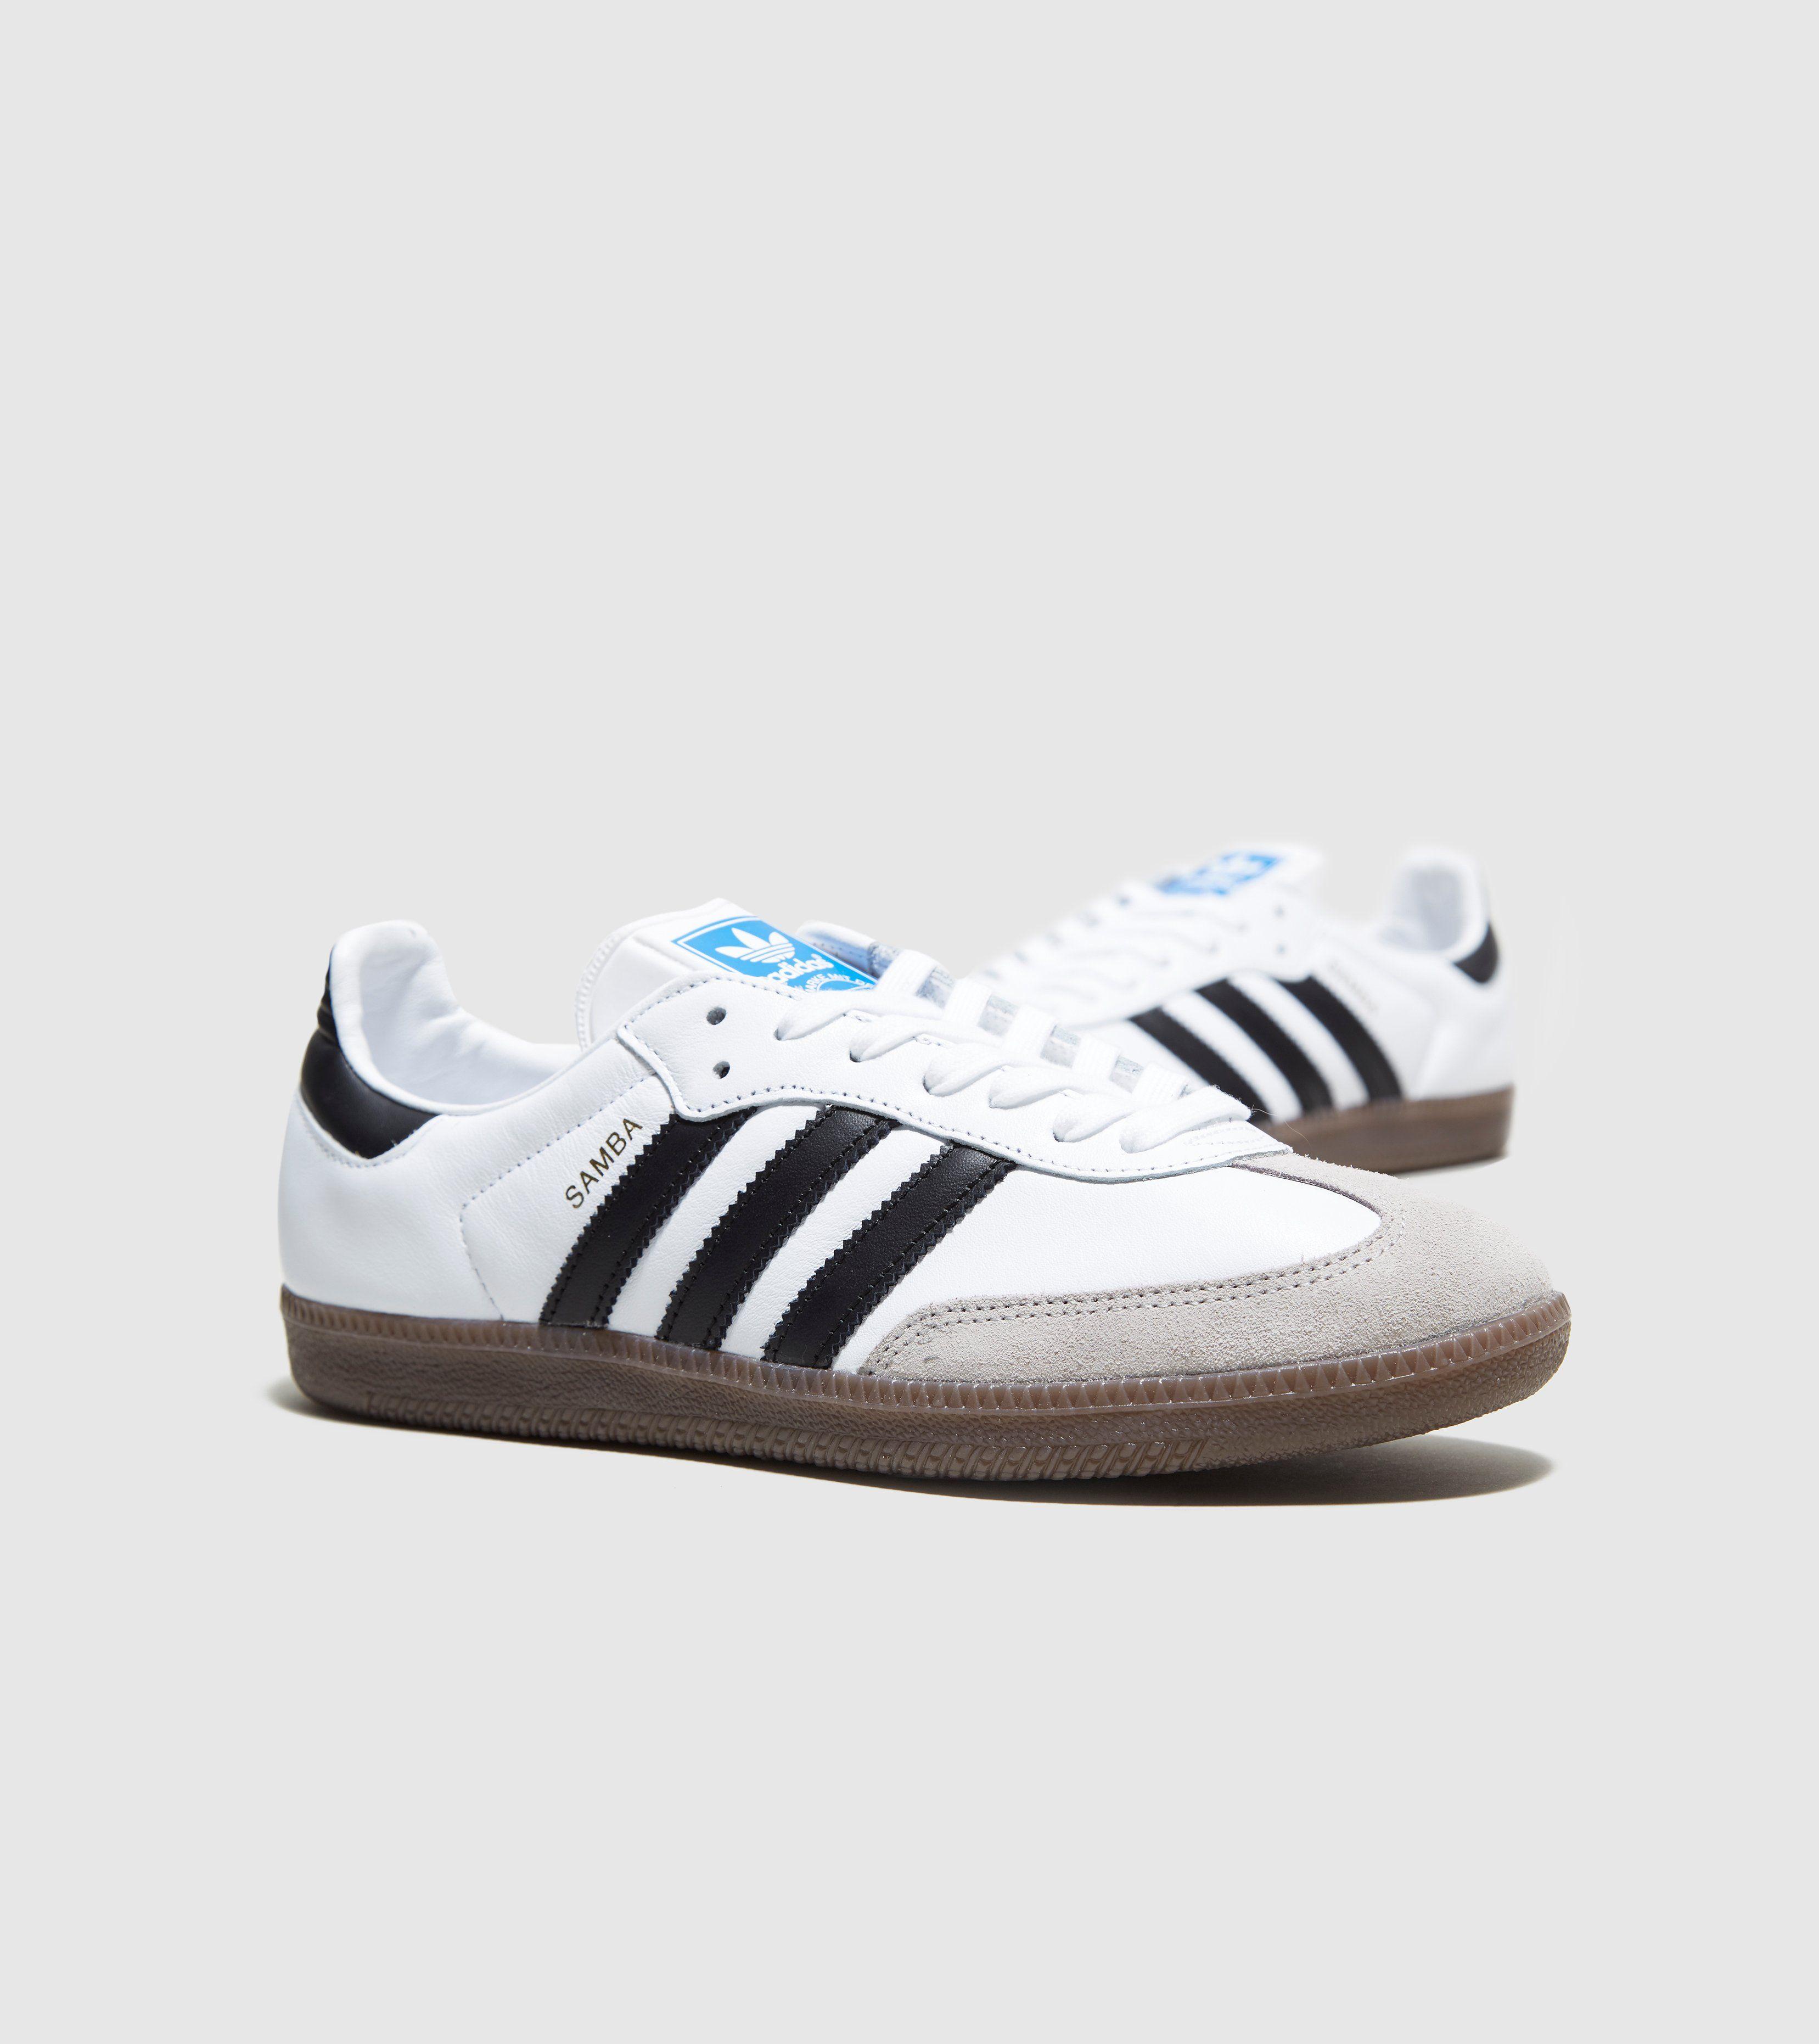 adidas Originals Samba Og White Venta 100% Originales ggamy